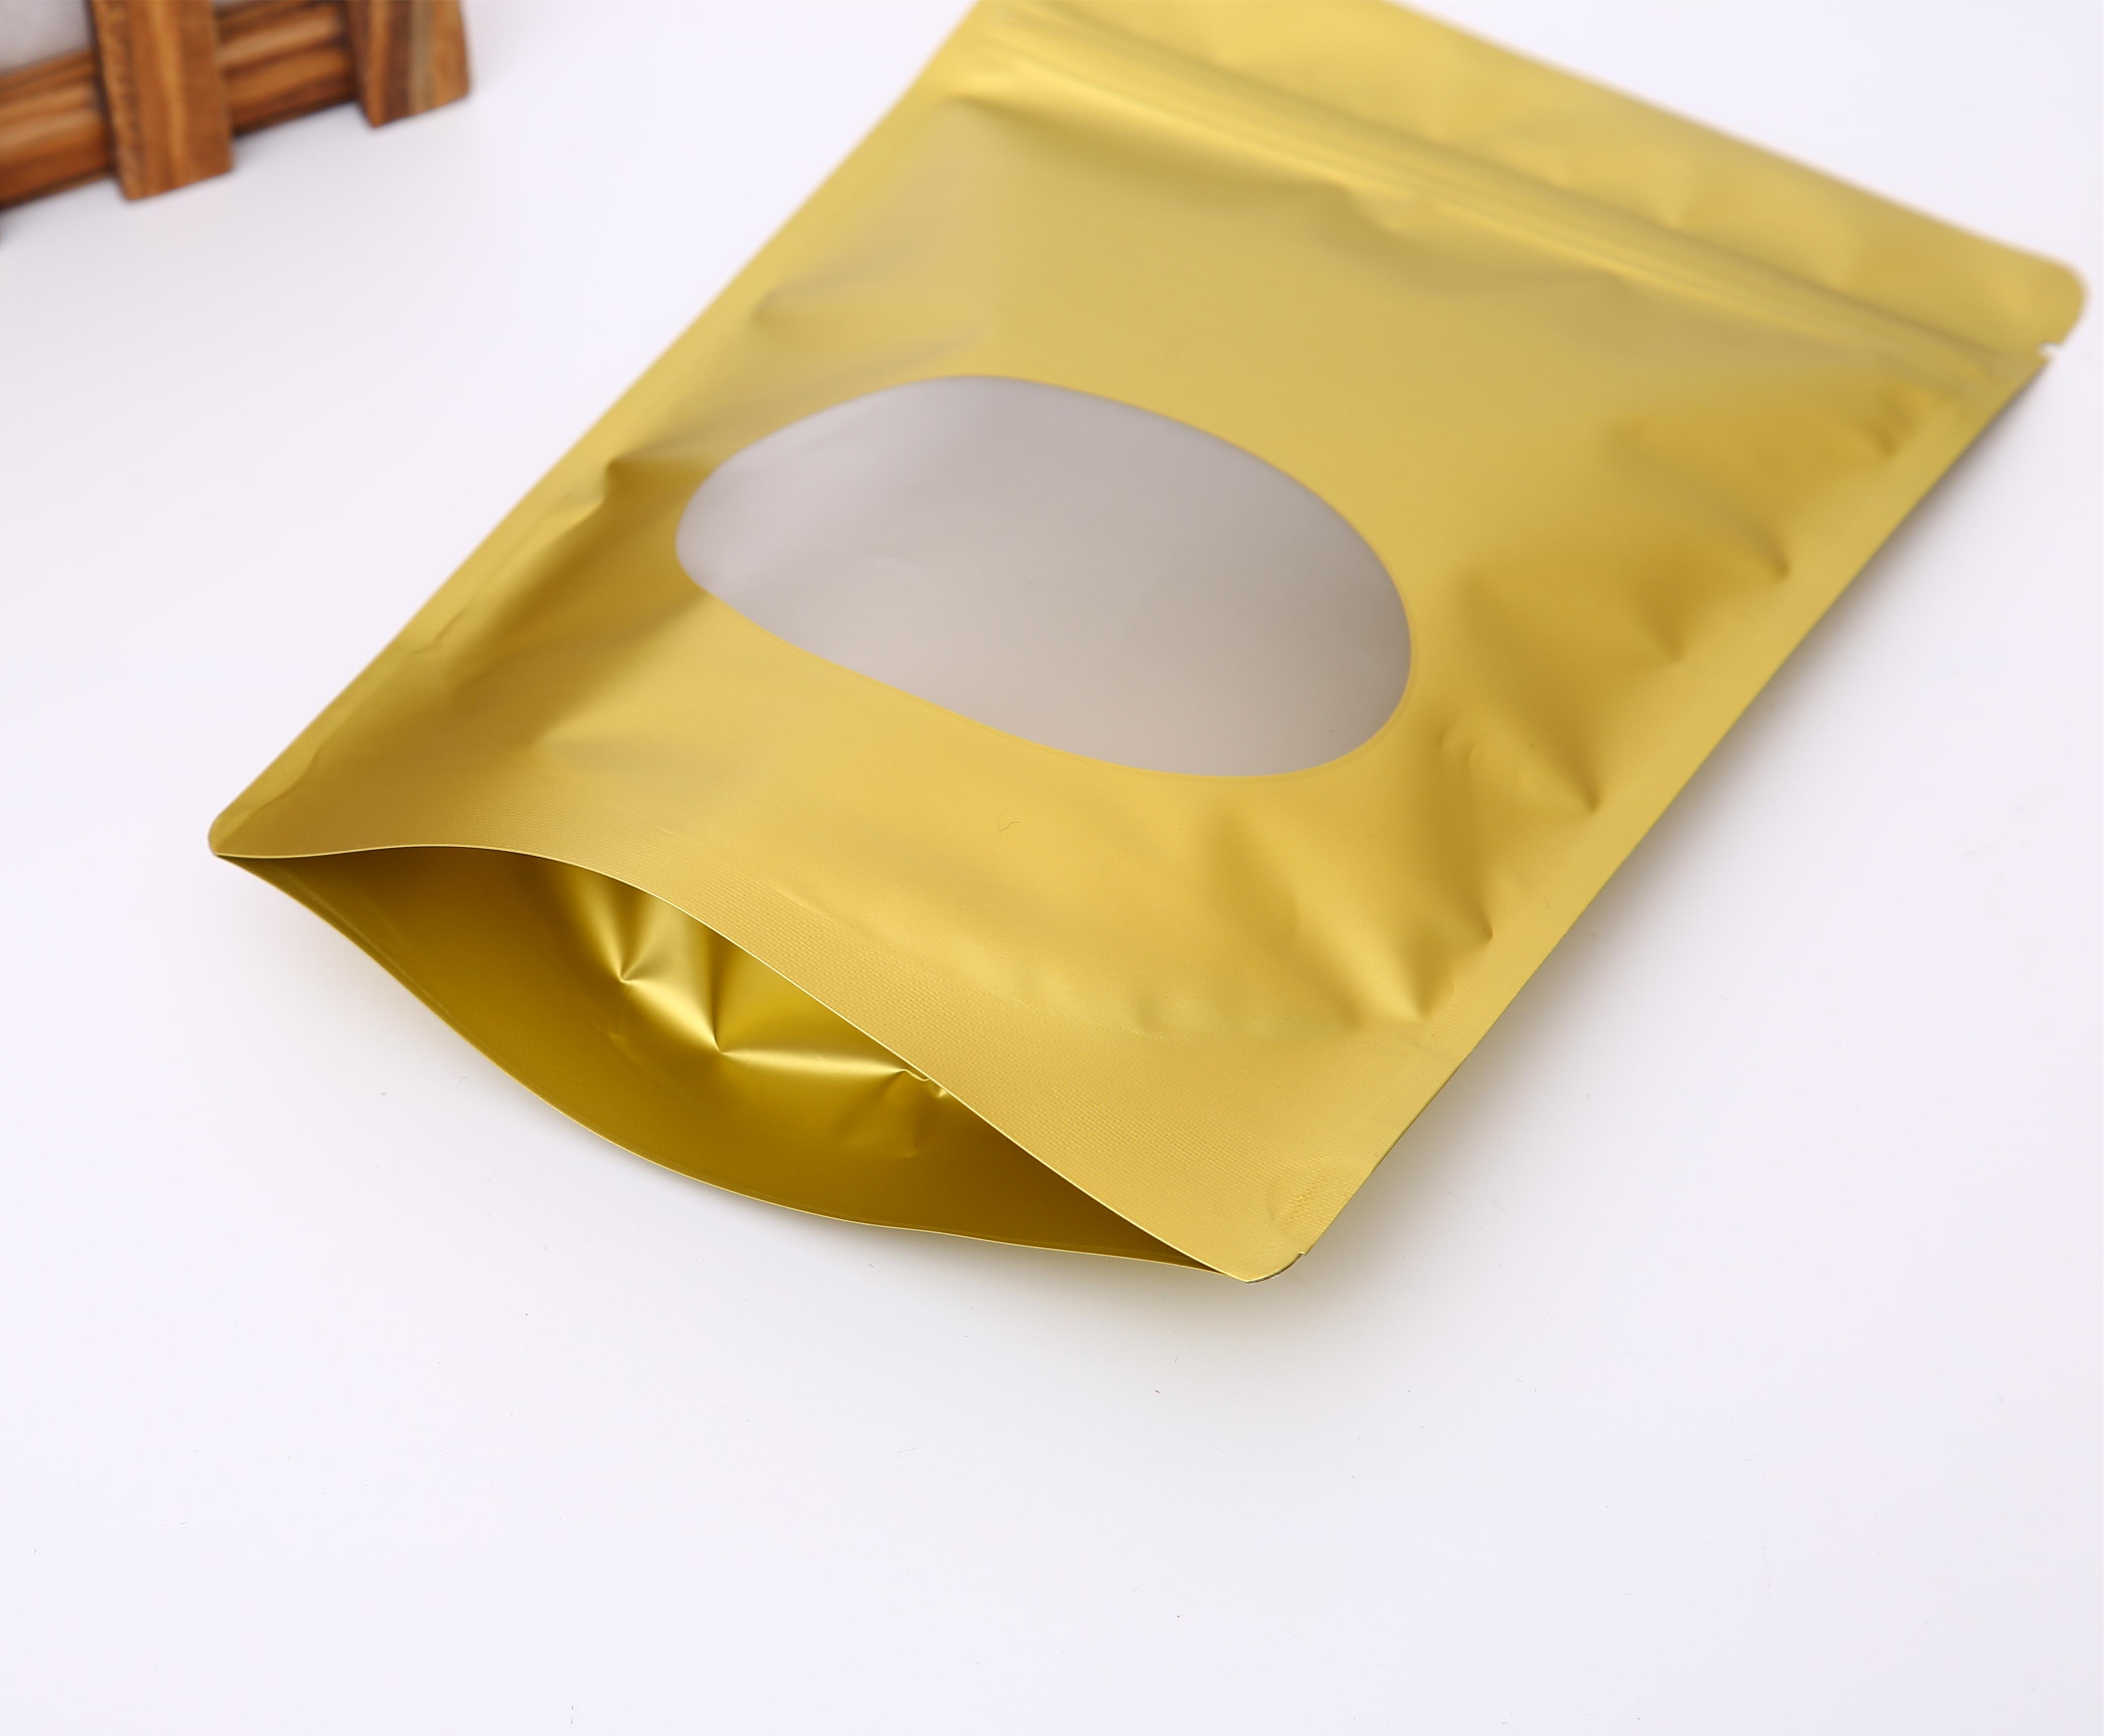 Amazon ขายสุขาภิบาลกระเป๋า glossy yellow กระเป๋า zip lock กระเป๋ายืนคริสต์มาสของขวัญ